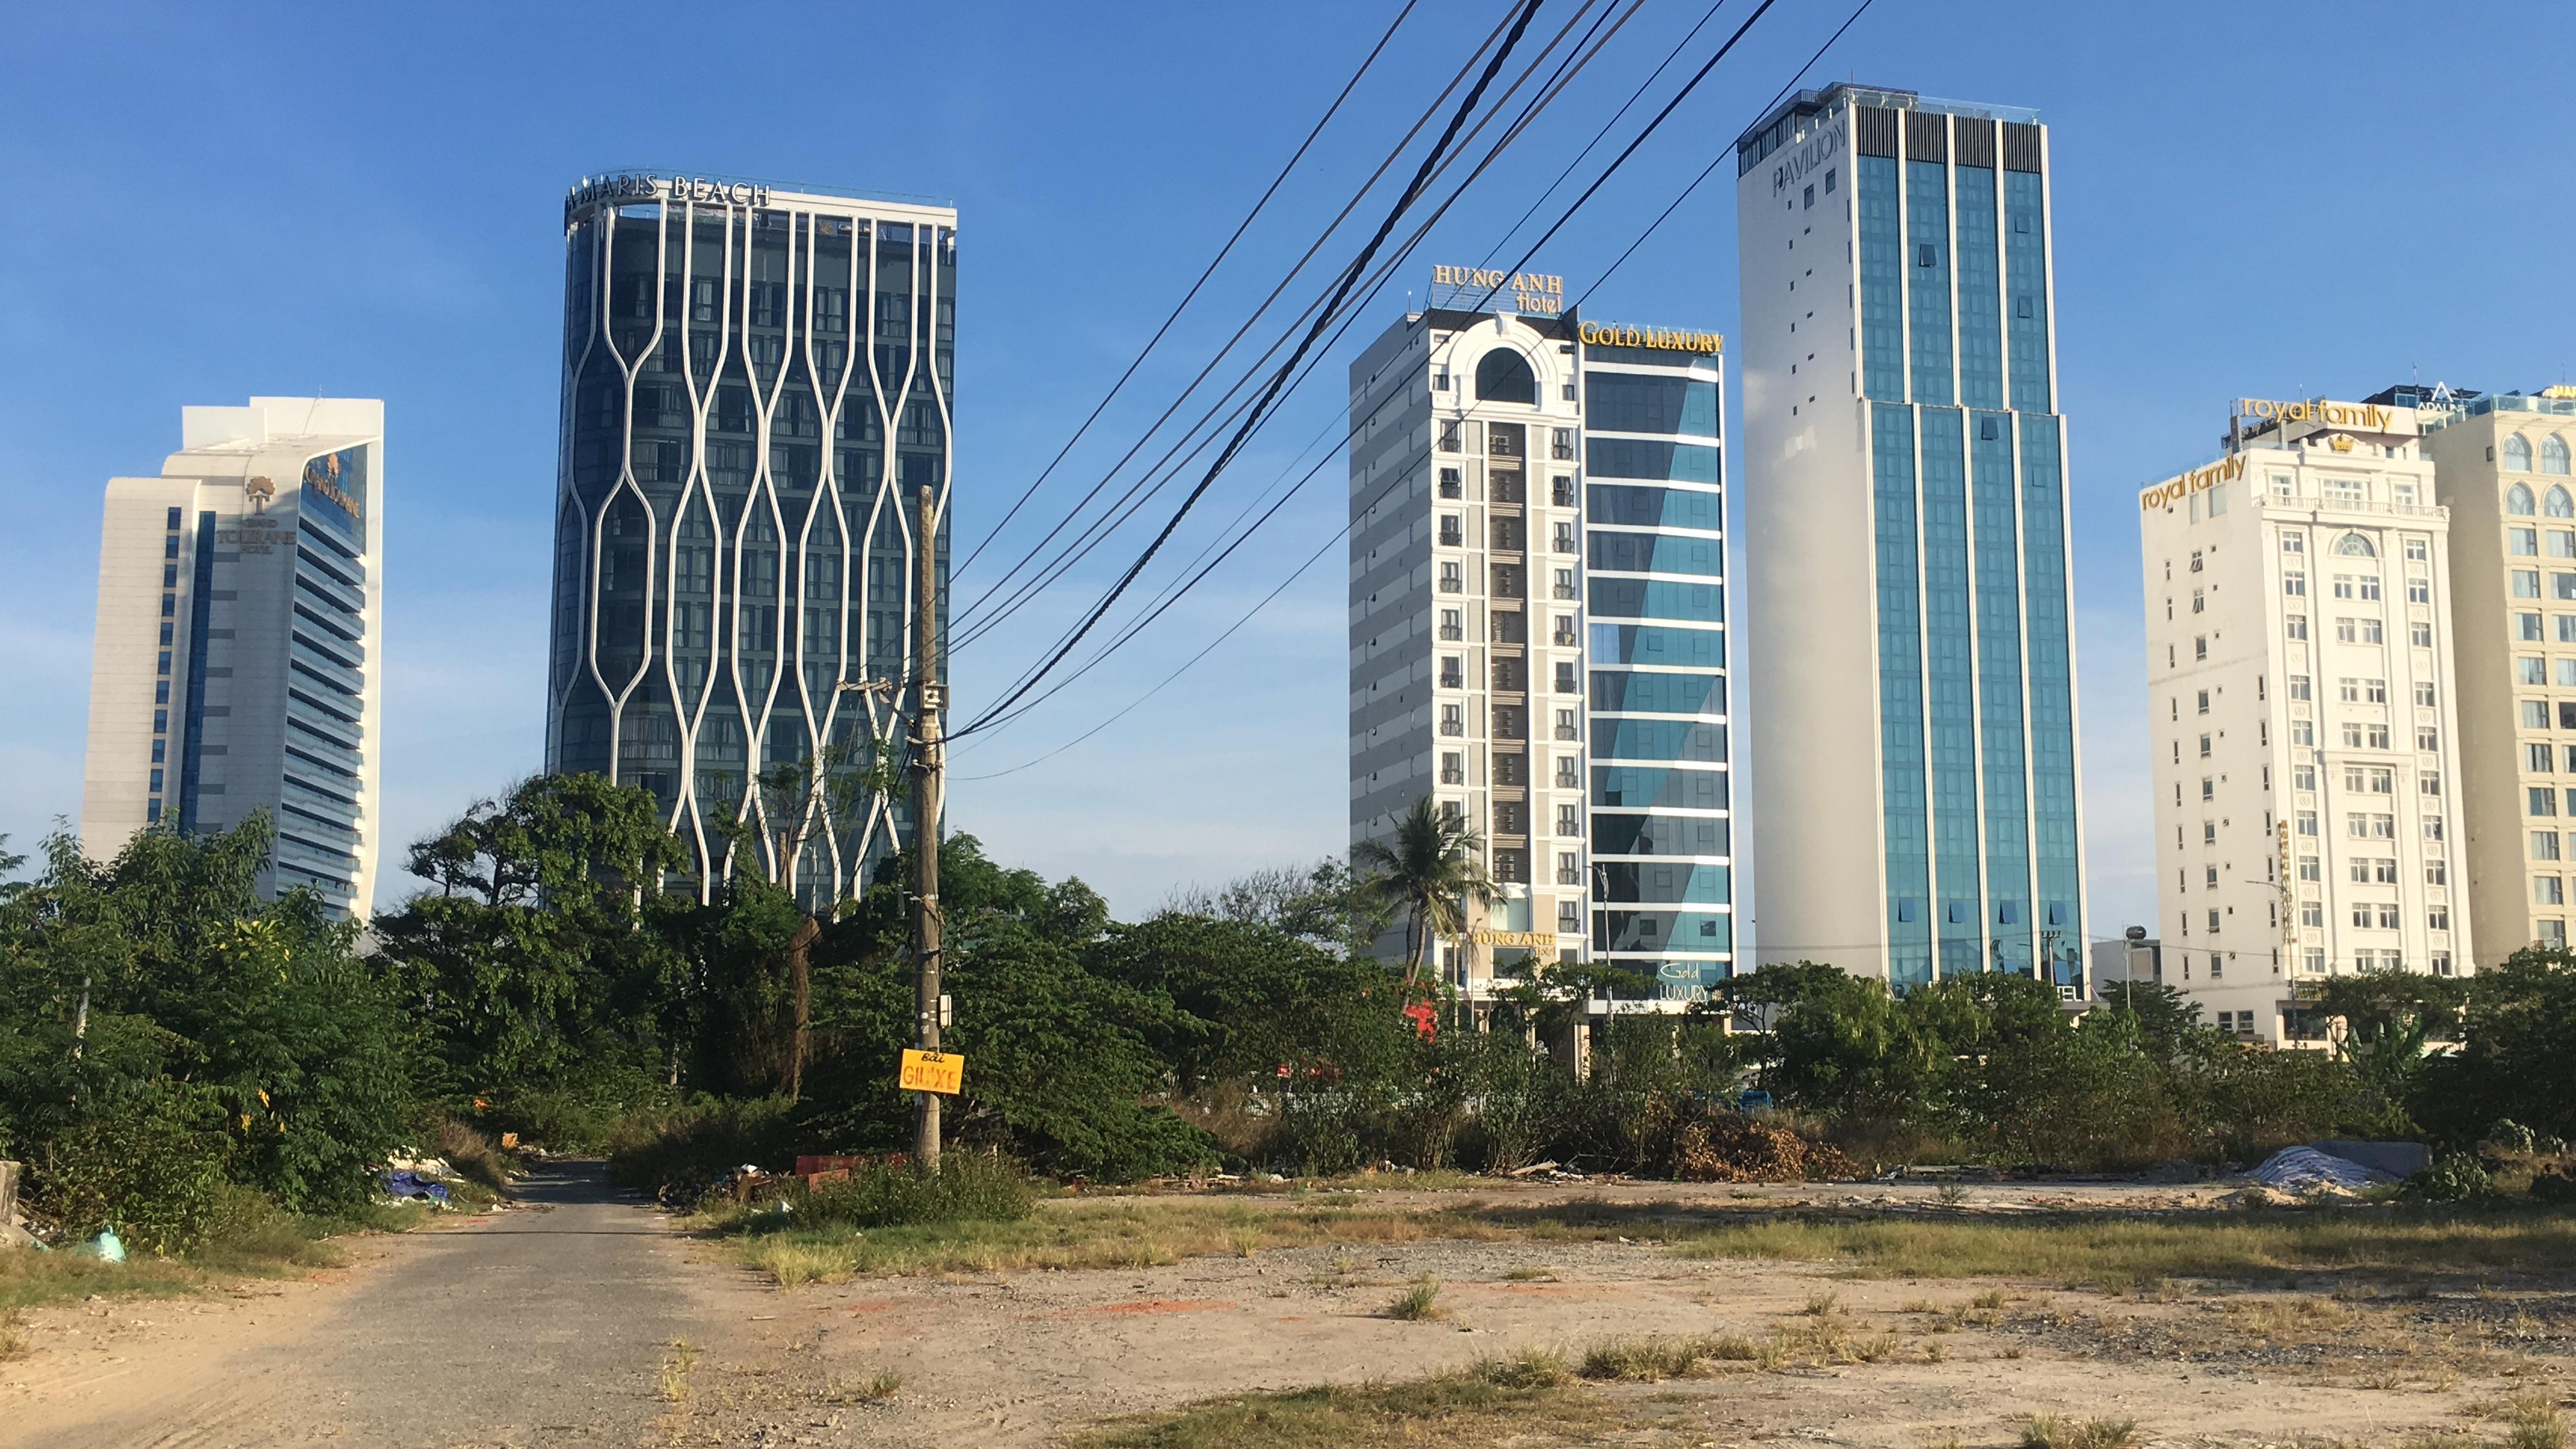 Cận cảnh khu đất ven biển Đà Nẵng sẽ đấu giá làm dự án Trung tâm tài chính, thương mại, casino 2 tỉ USD - Ảnh 4.